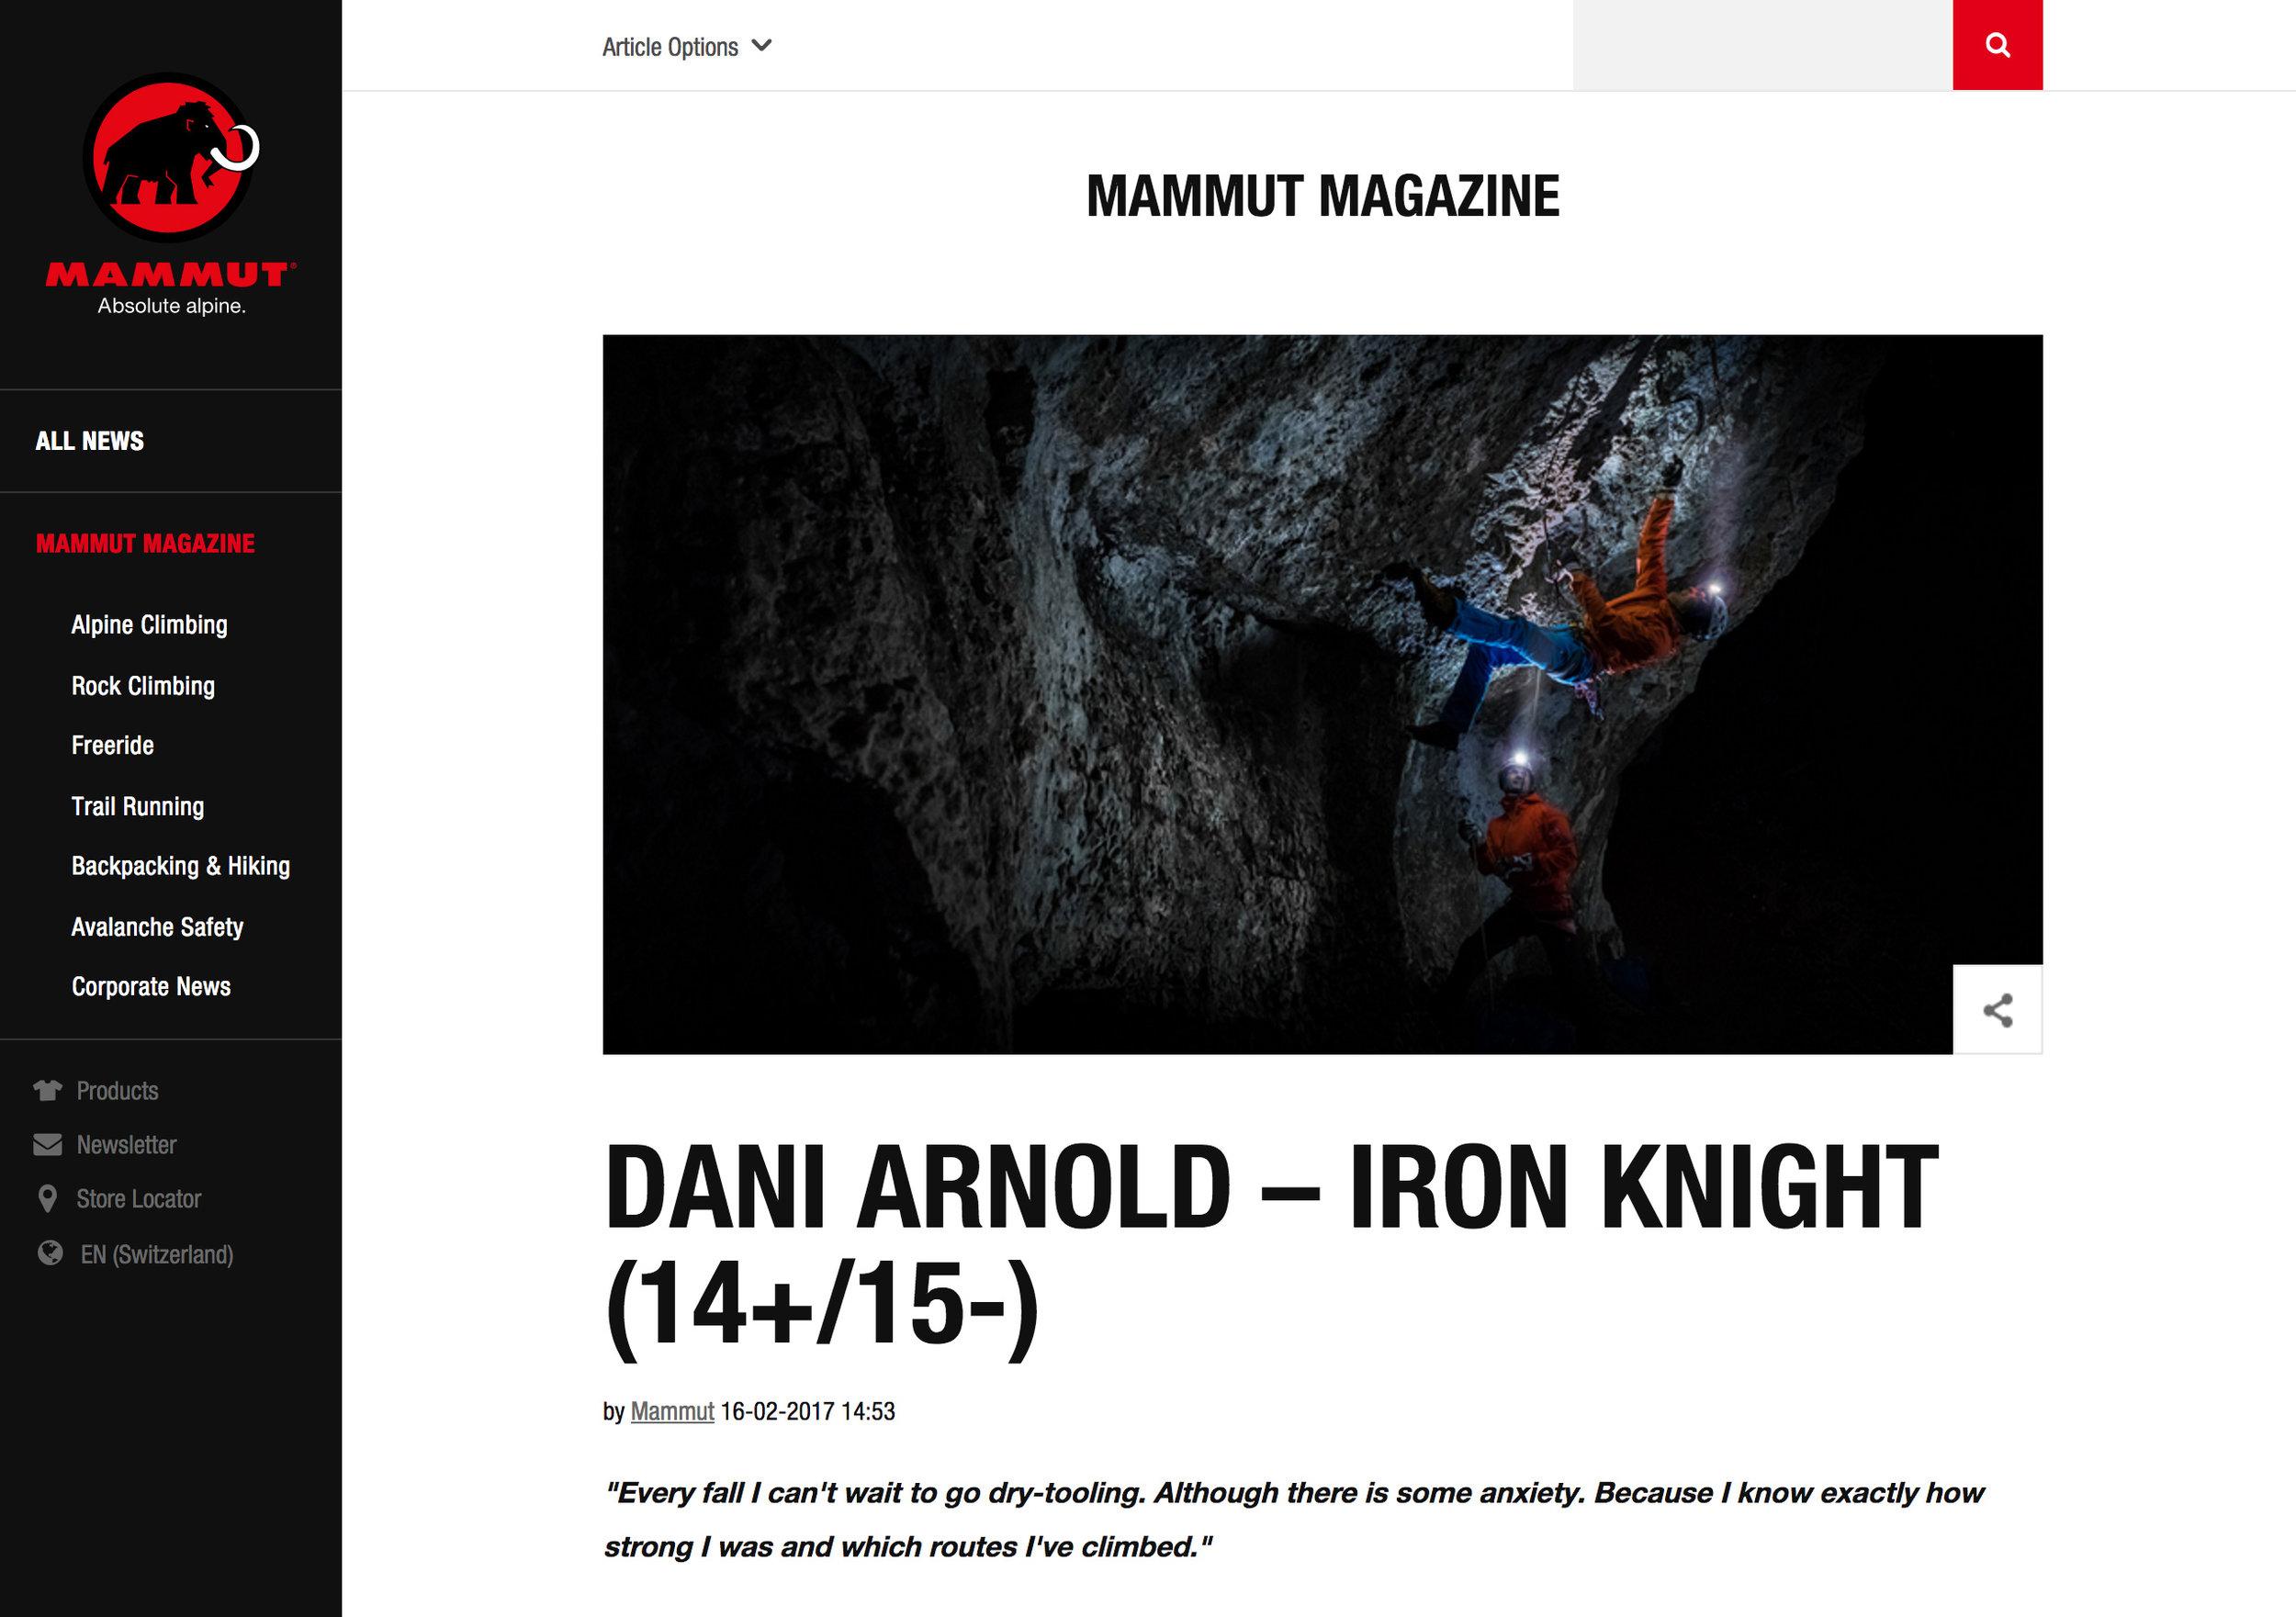 Fotoshooting Mammut Absolut Alpine - Dani Arnold (Iron Knight)